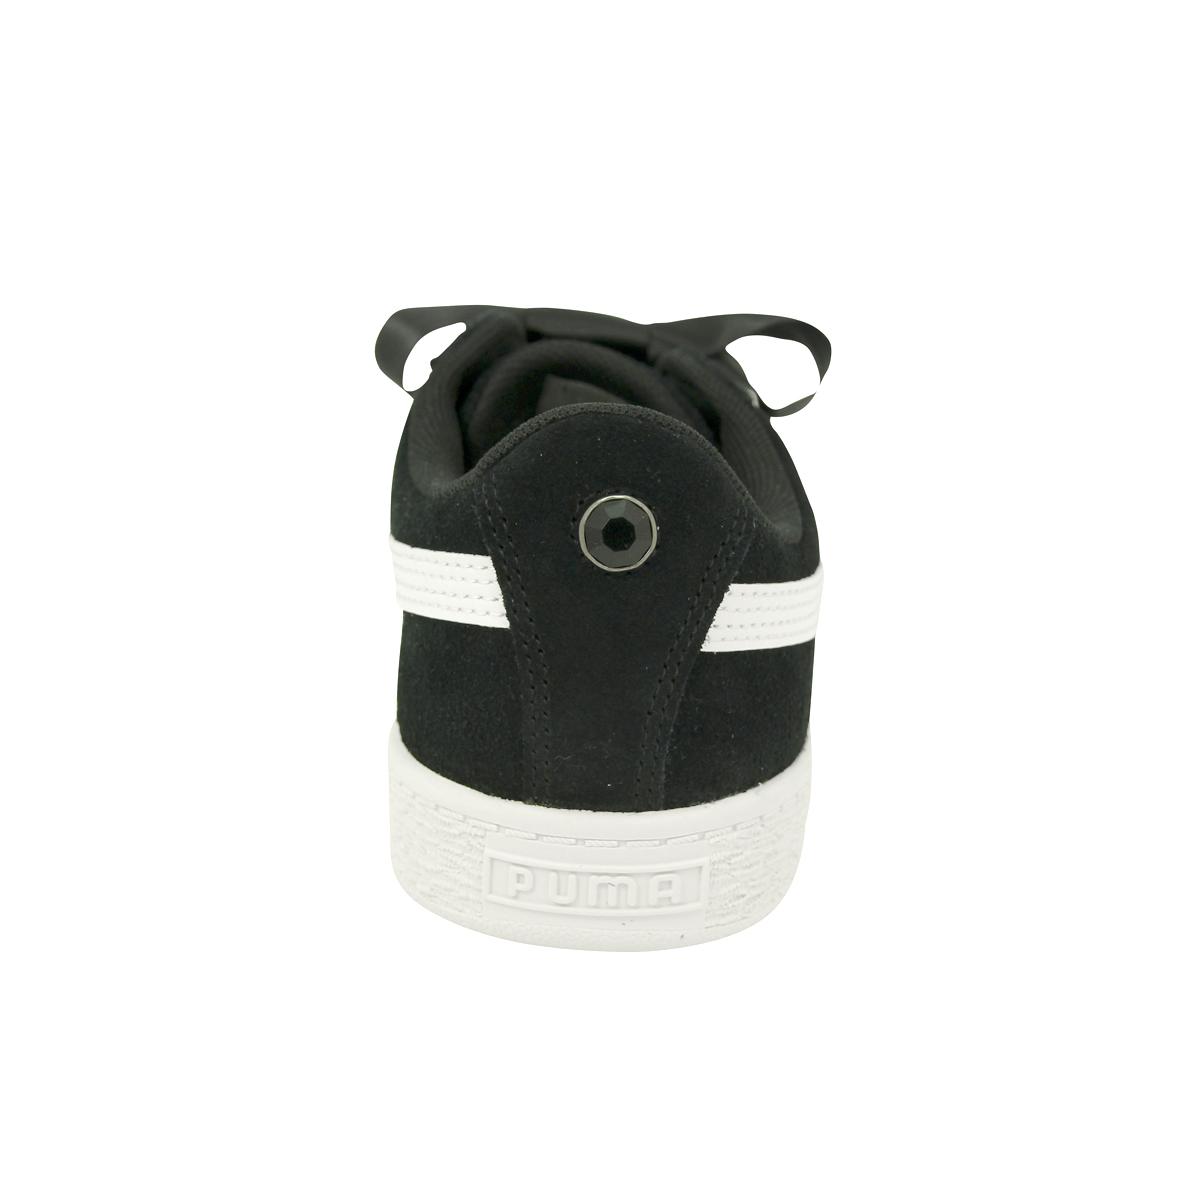 fb9a04ce108 Chaussures Baskets Puma fille Suede Heart Jewel V PS Taille Noir noire Suède  31. À propos de ce produit. Photo 1 12  Photo 2 12  Photo 3 12  Photo 4 12